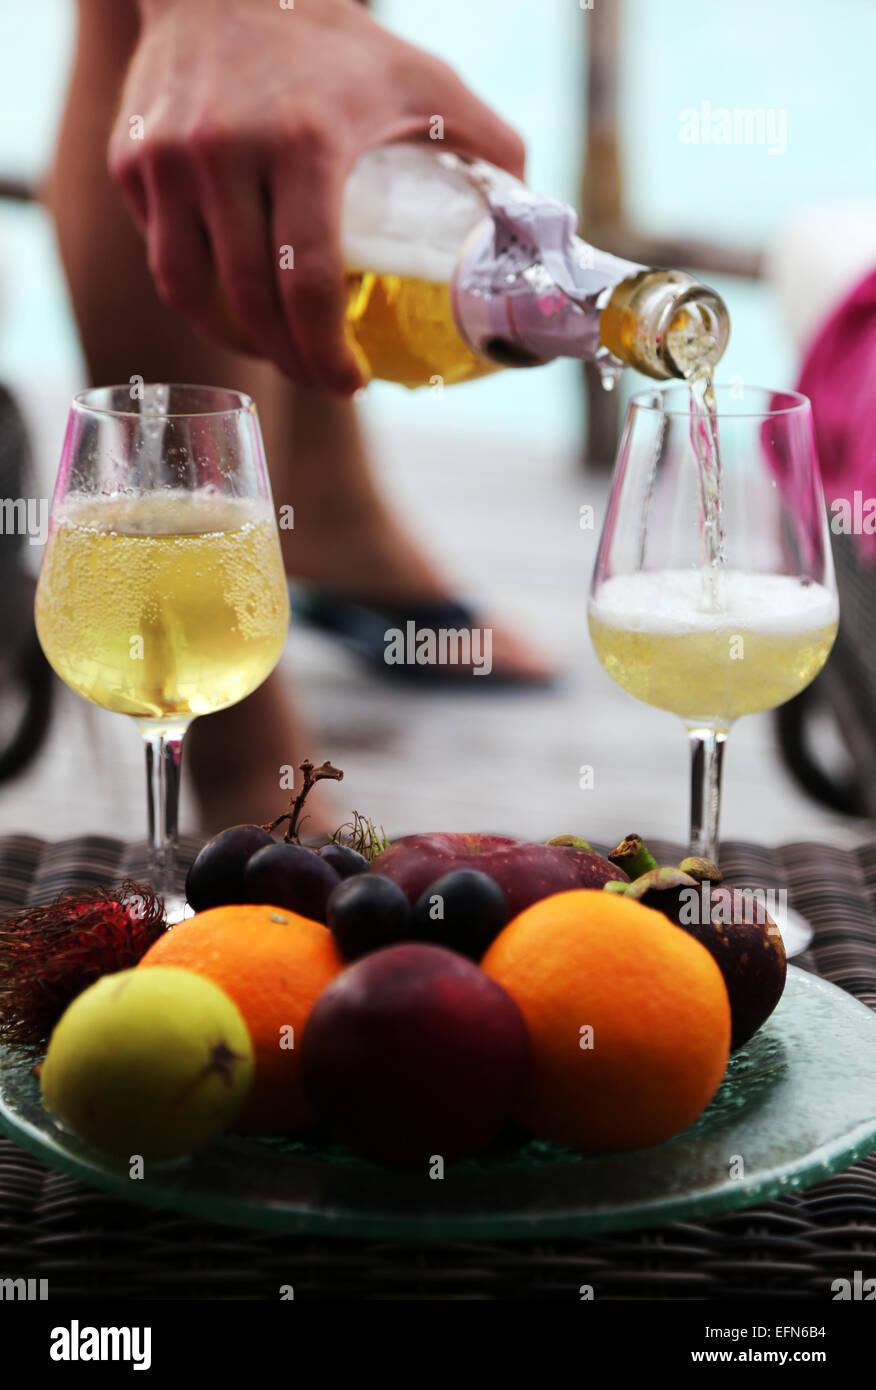 Una mano d'uomo versa dello Champagne in due bicchieri. Un piatto di frutta esotica è nella parte anteriore. Immagini Stock